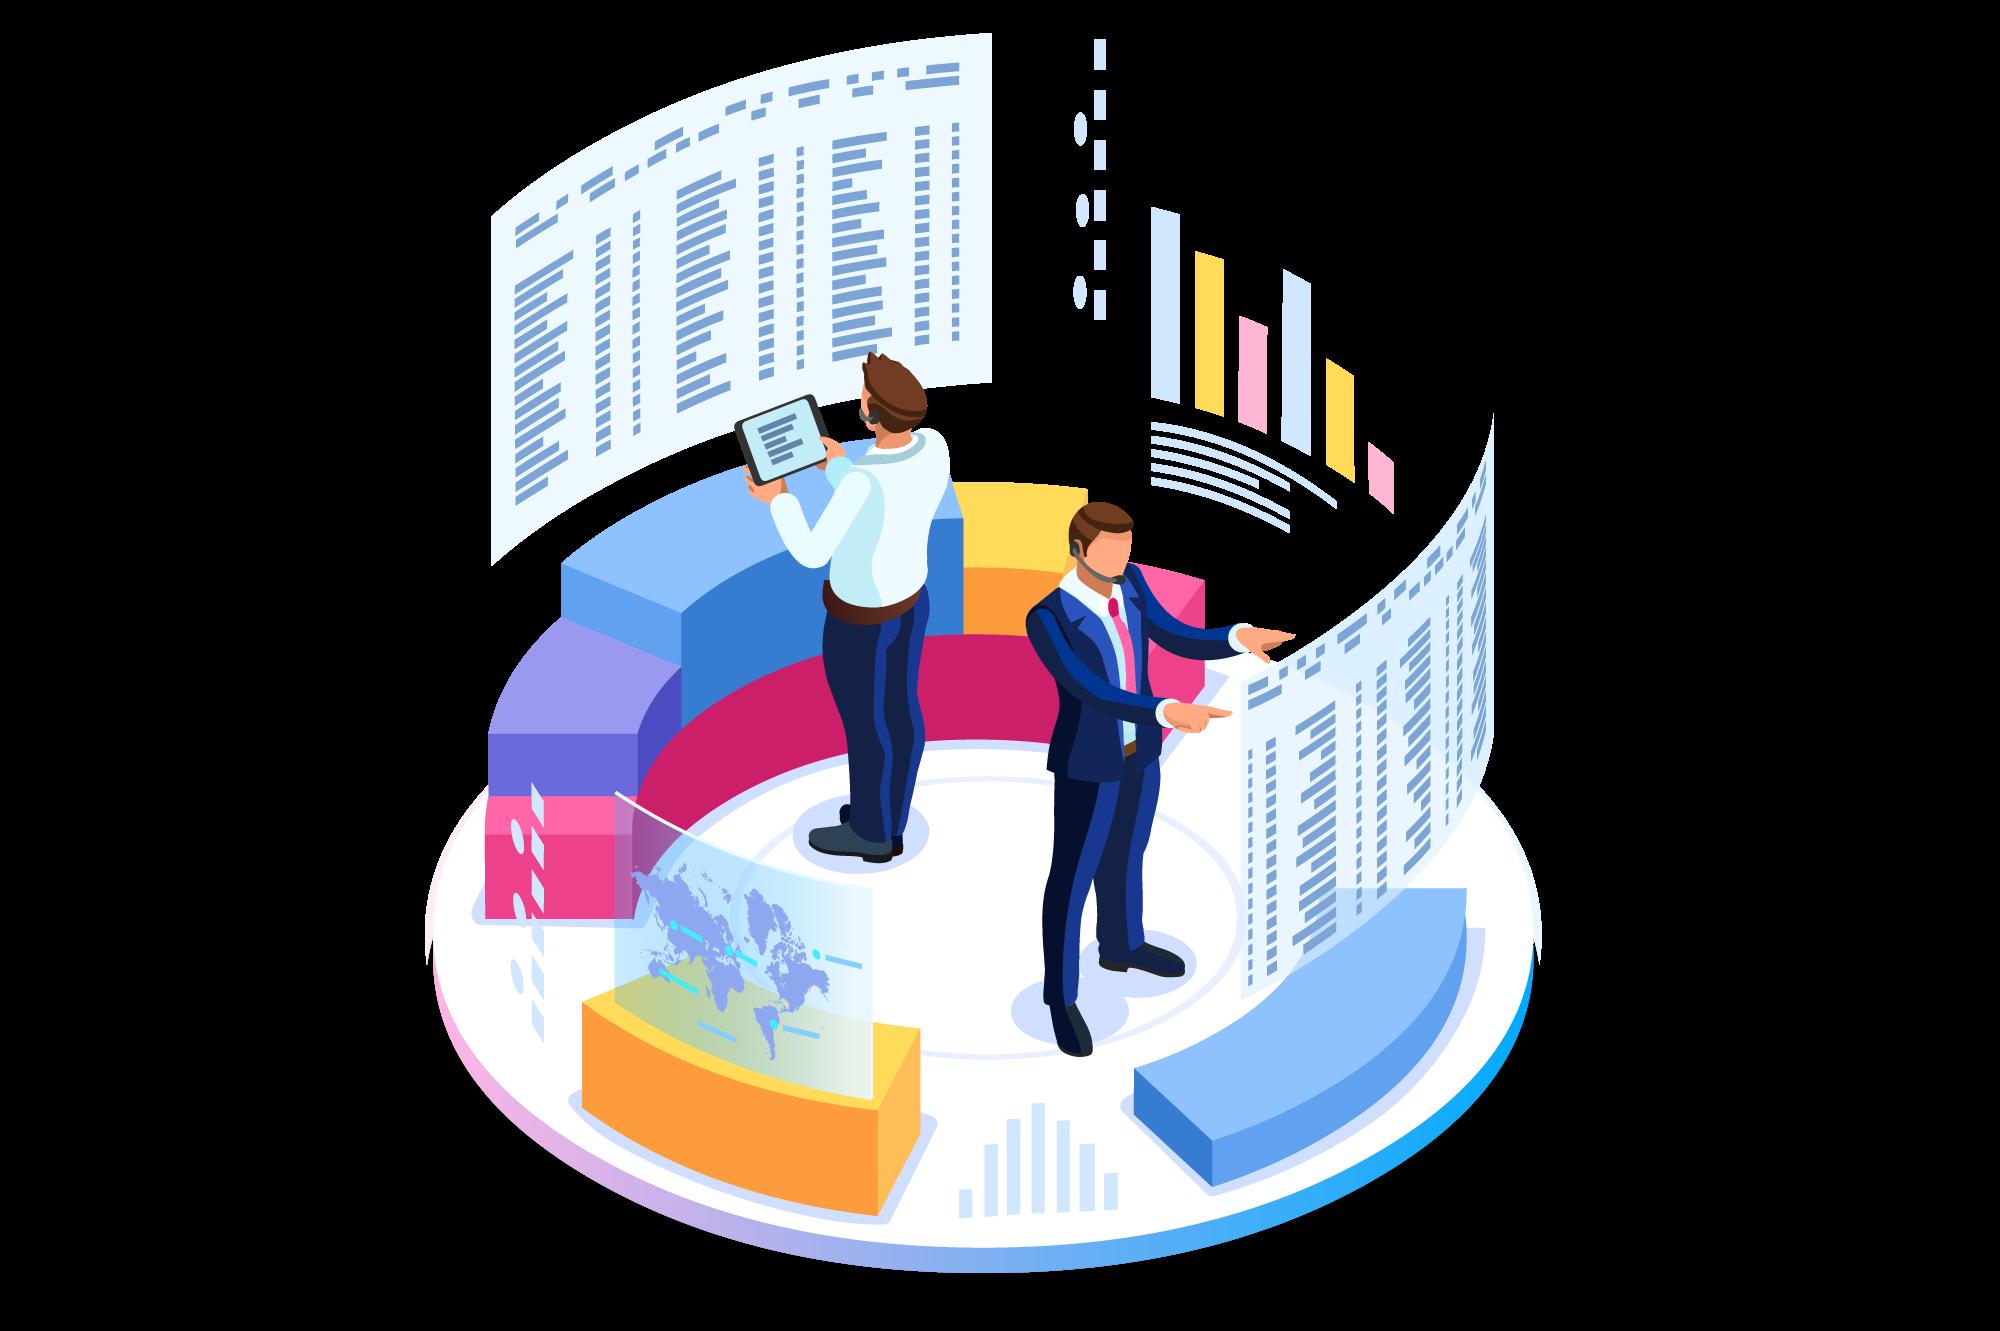 Guia gestão financeira empresarial completa | O que o empreendedor precisa saber sobre finanças?